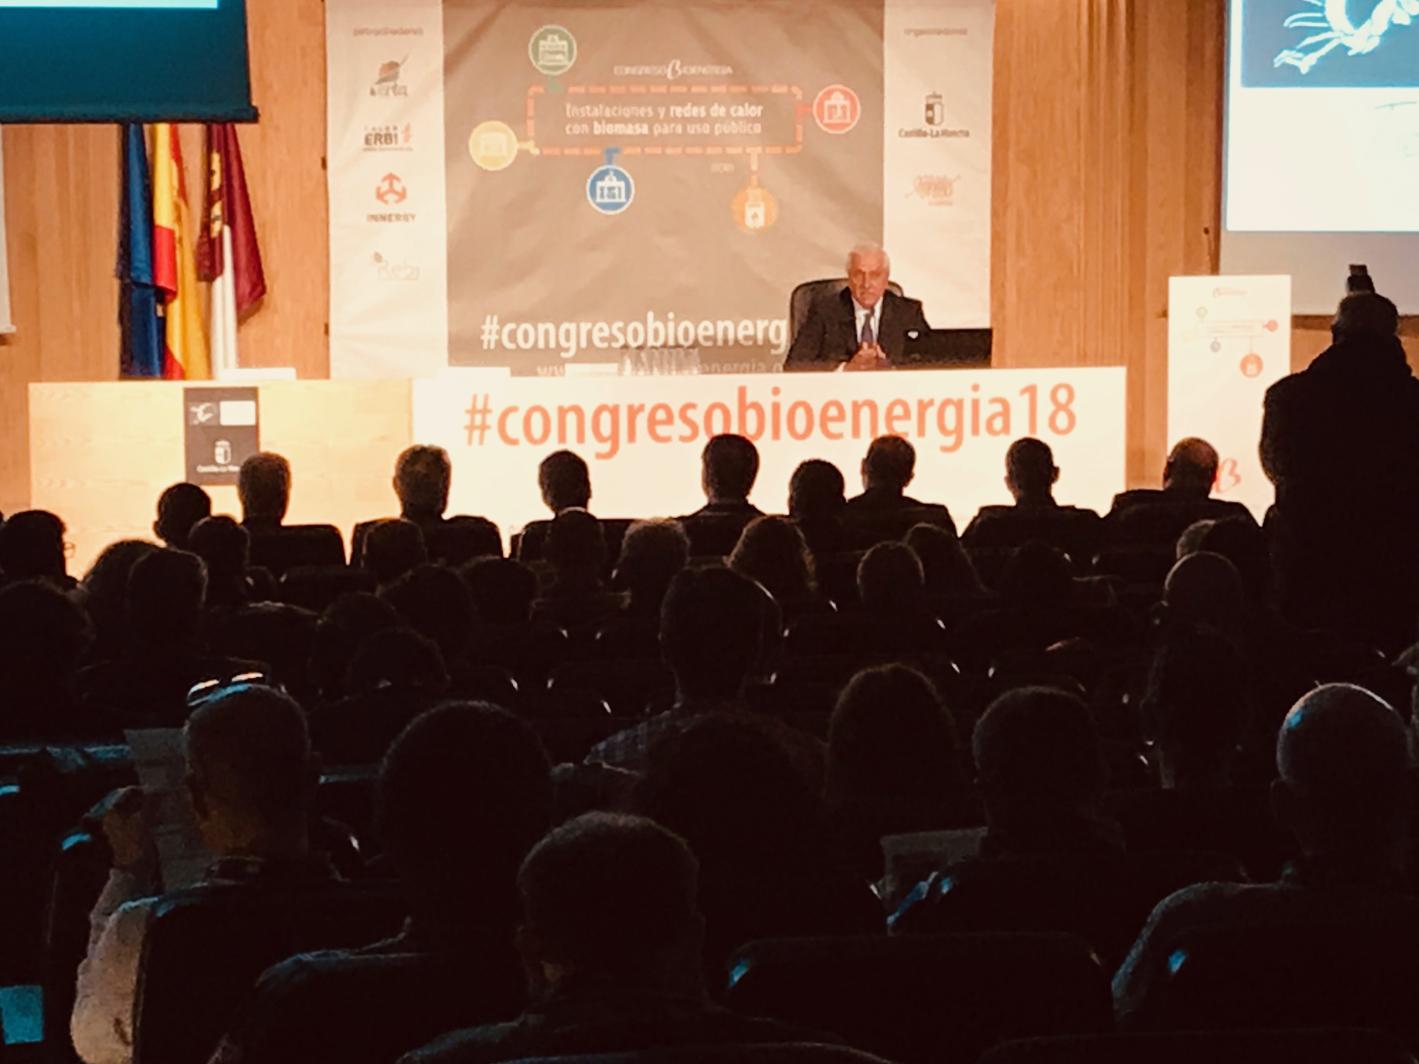 inauguração congresso bioenergia